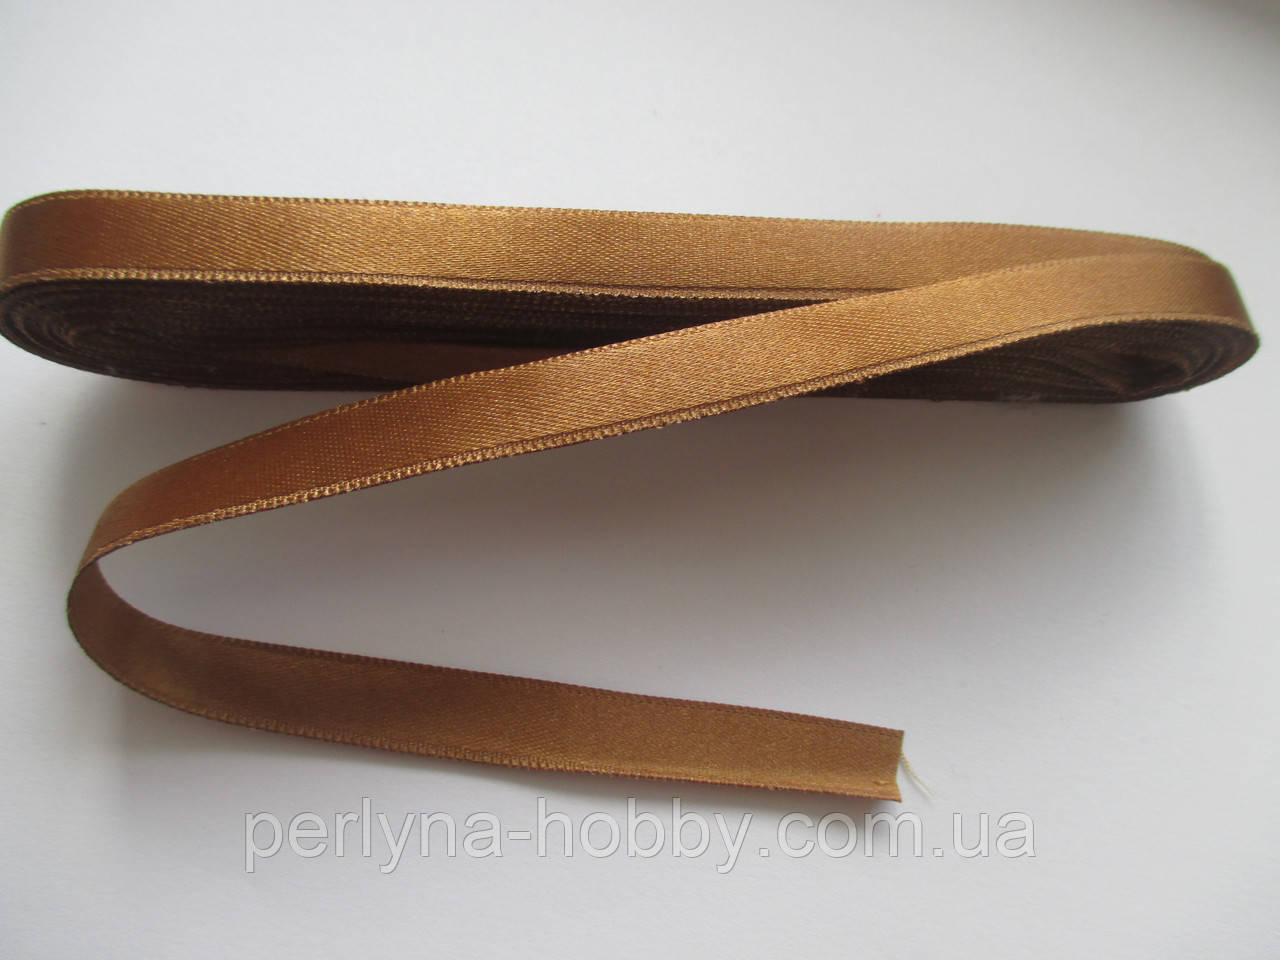 Стрічка атласна  двостороння 1 см. (10 метрів) золотисто-коричневий. Лента атласная двухсторонняя